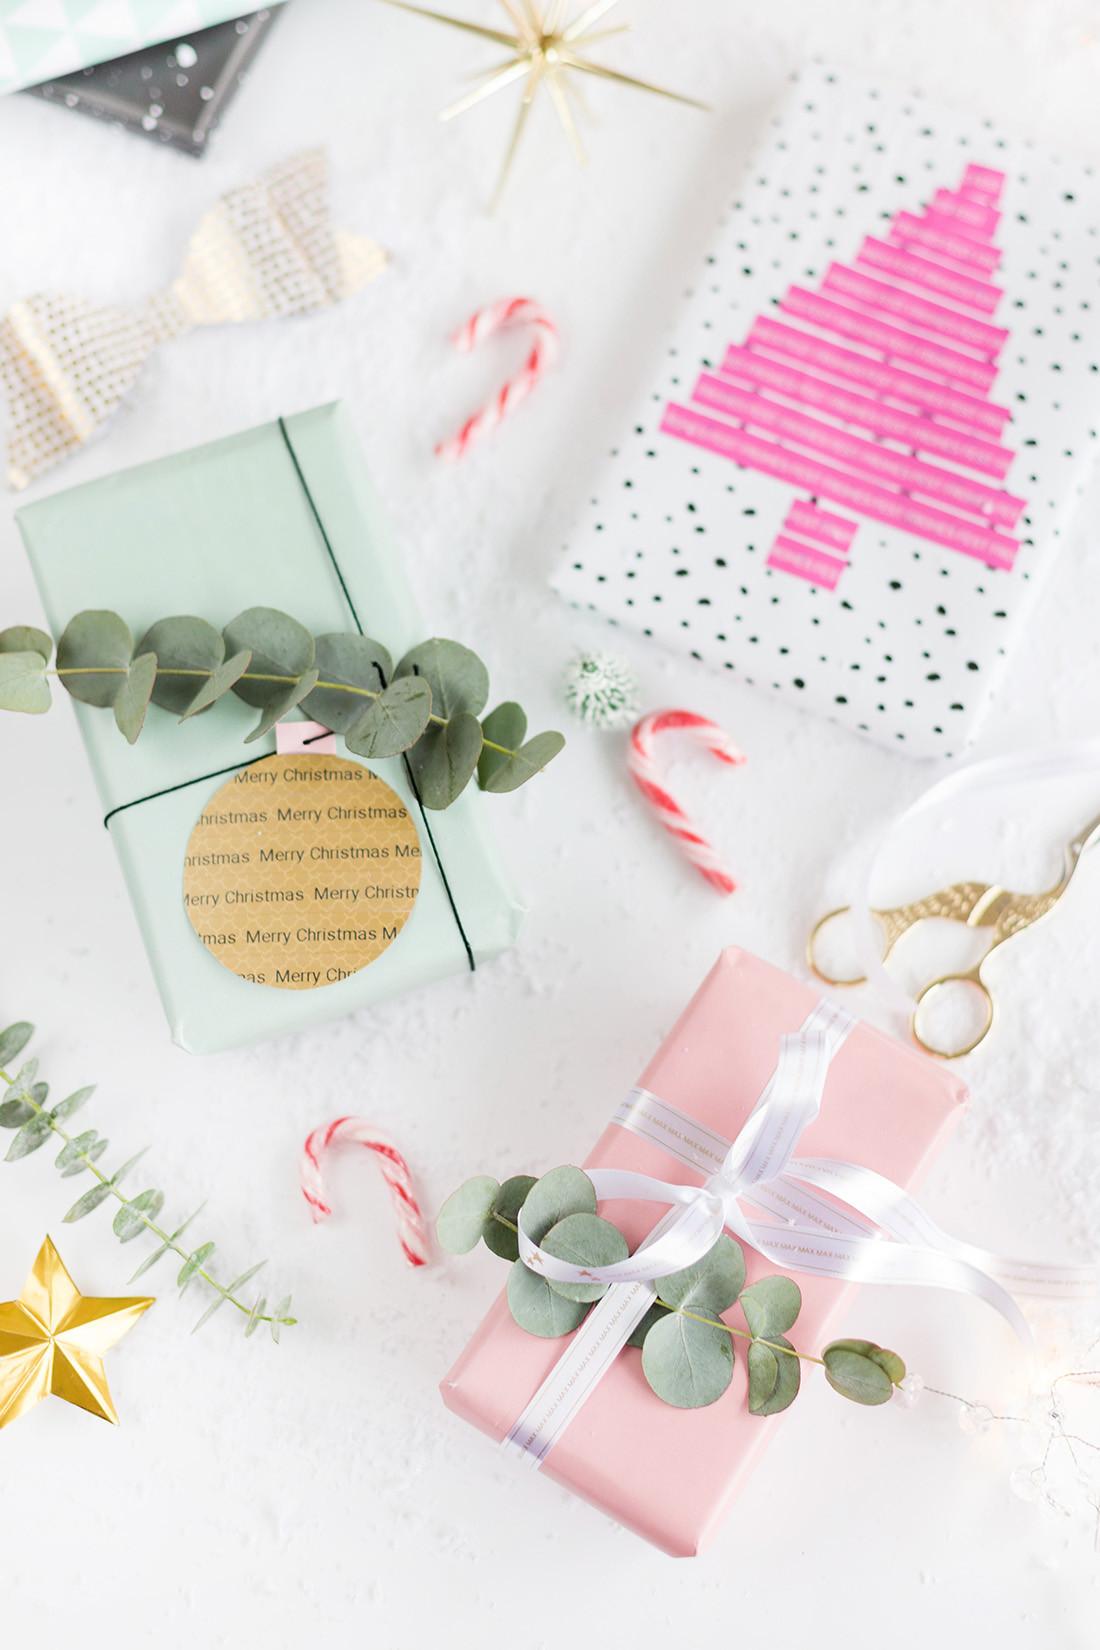 Diy Weihnachtsgeschenke Ideen Gesucht  3 DIY Ideen zum Weihnachtsgeschenke verpacken mit